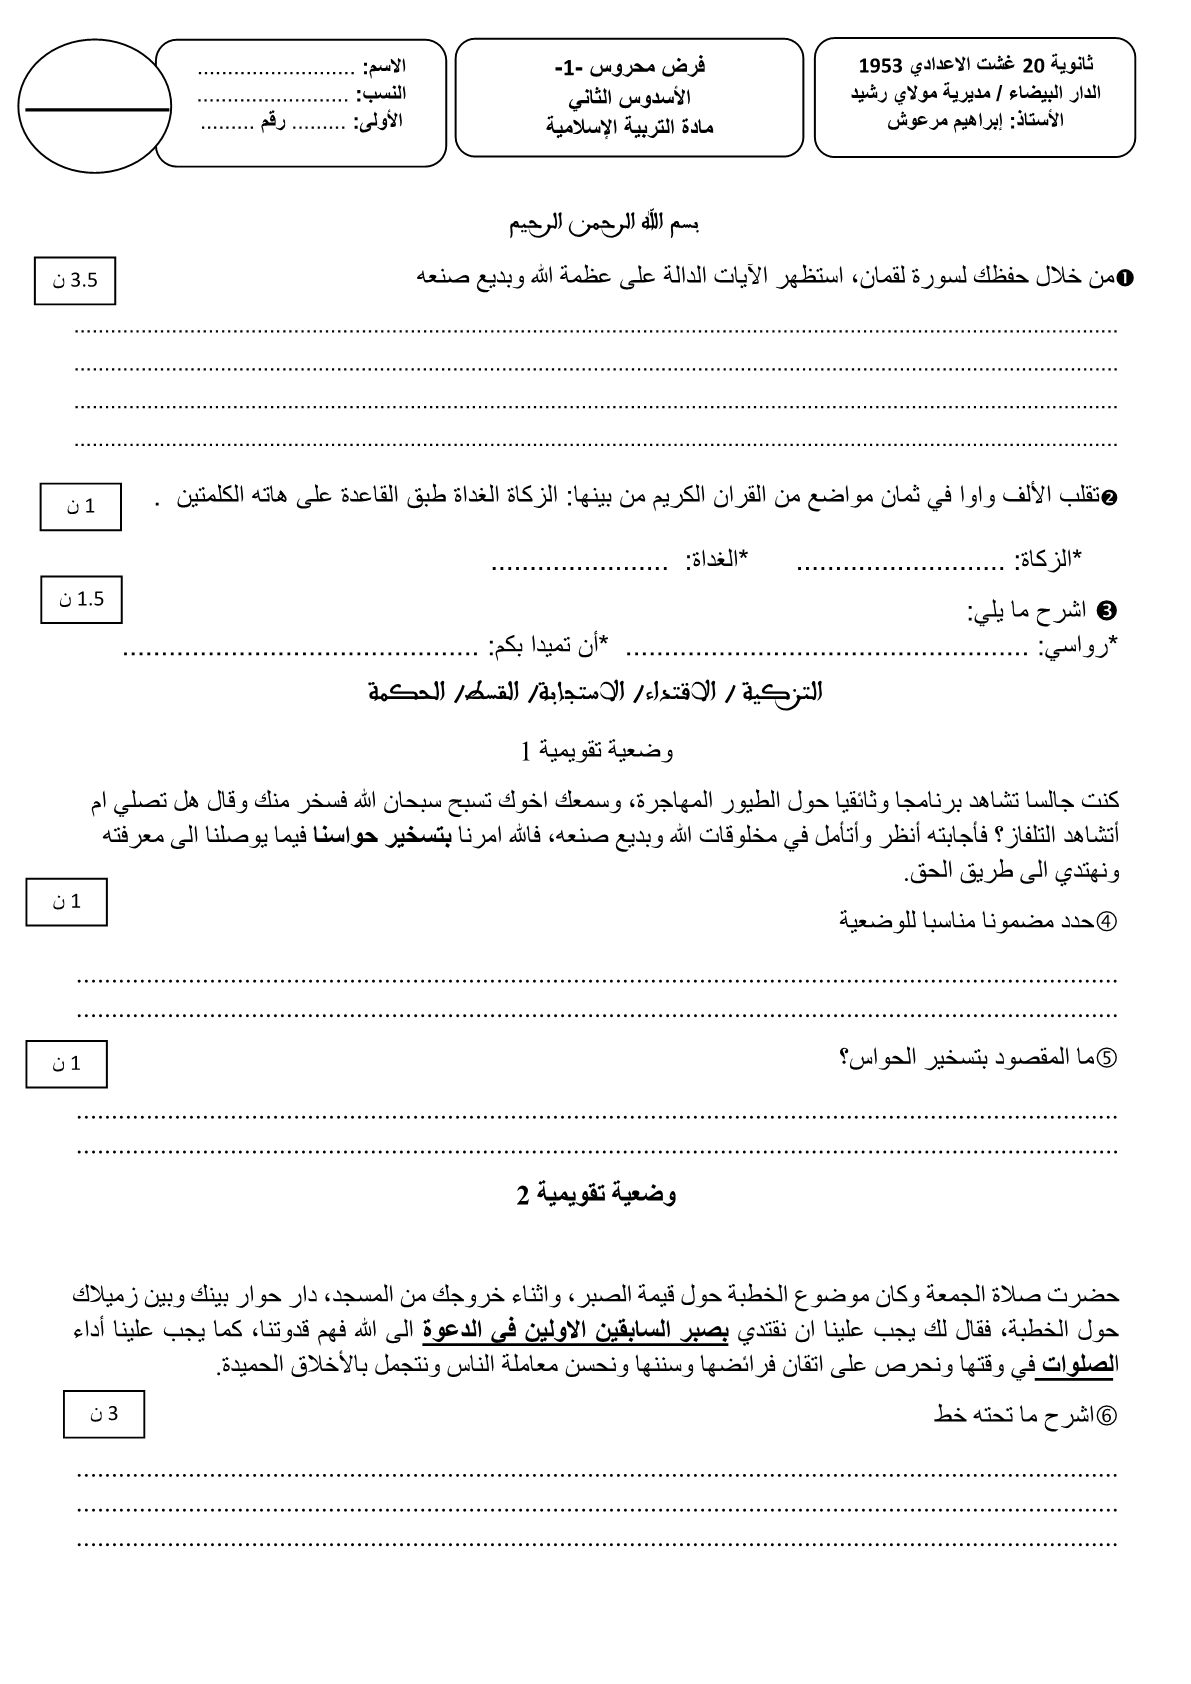 الفرض الأول في مادة التربية الإسلامية الدورة الثانية للسنة الأولى إعدادي